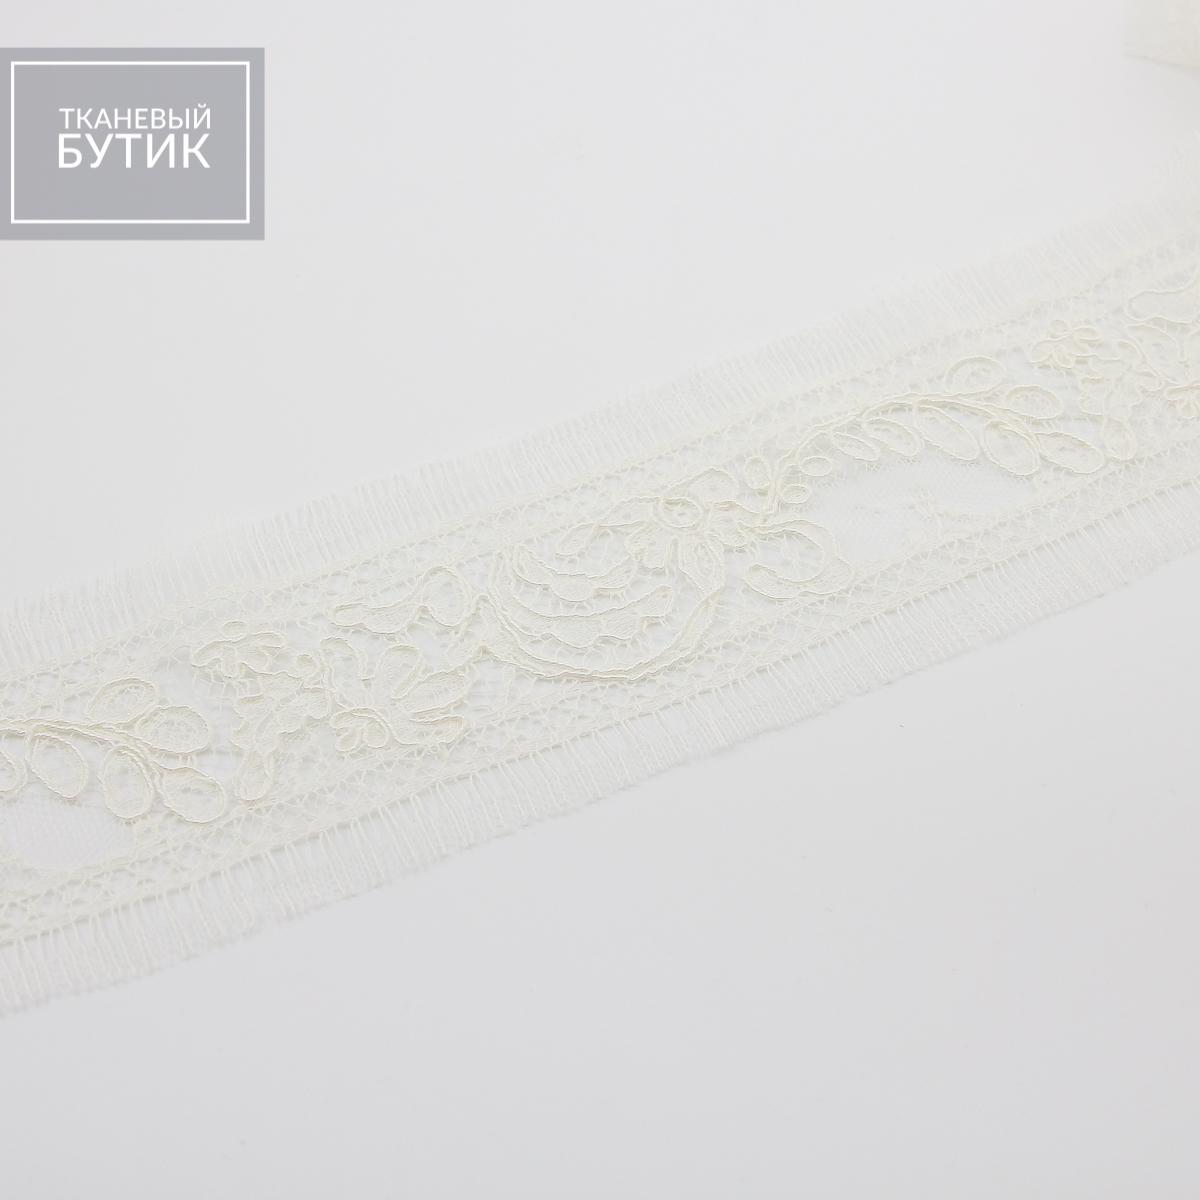 Французское кордовое кружево цвета экрю в ленте с мережкой